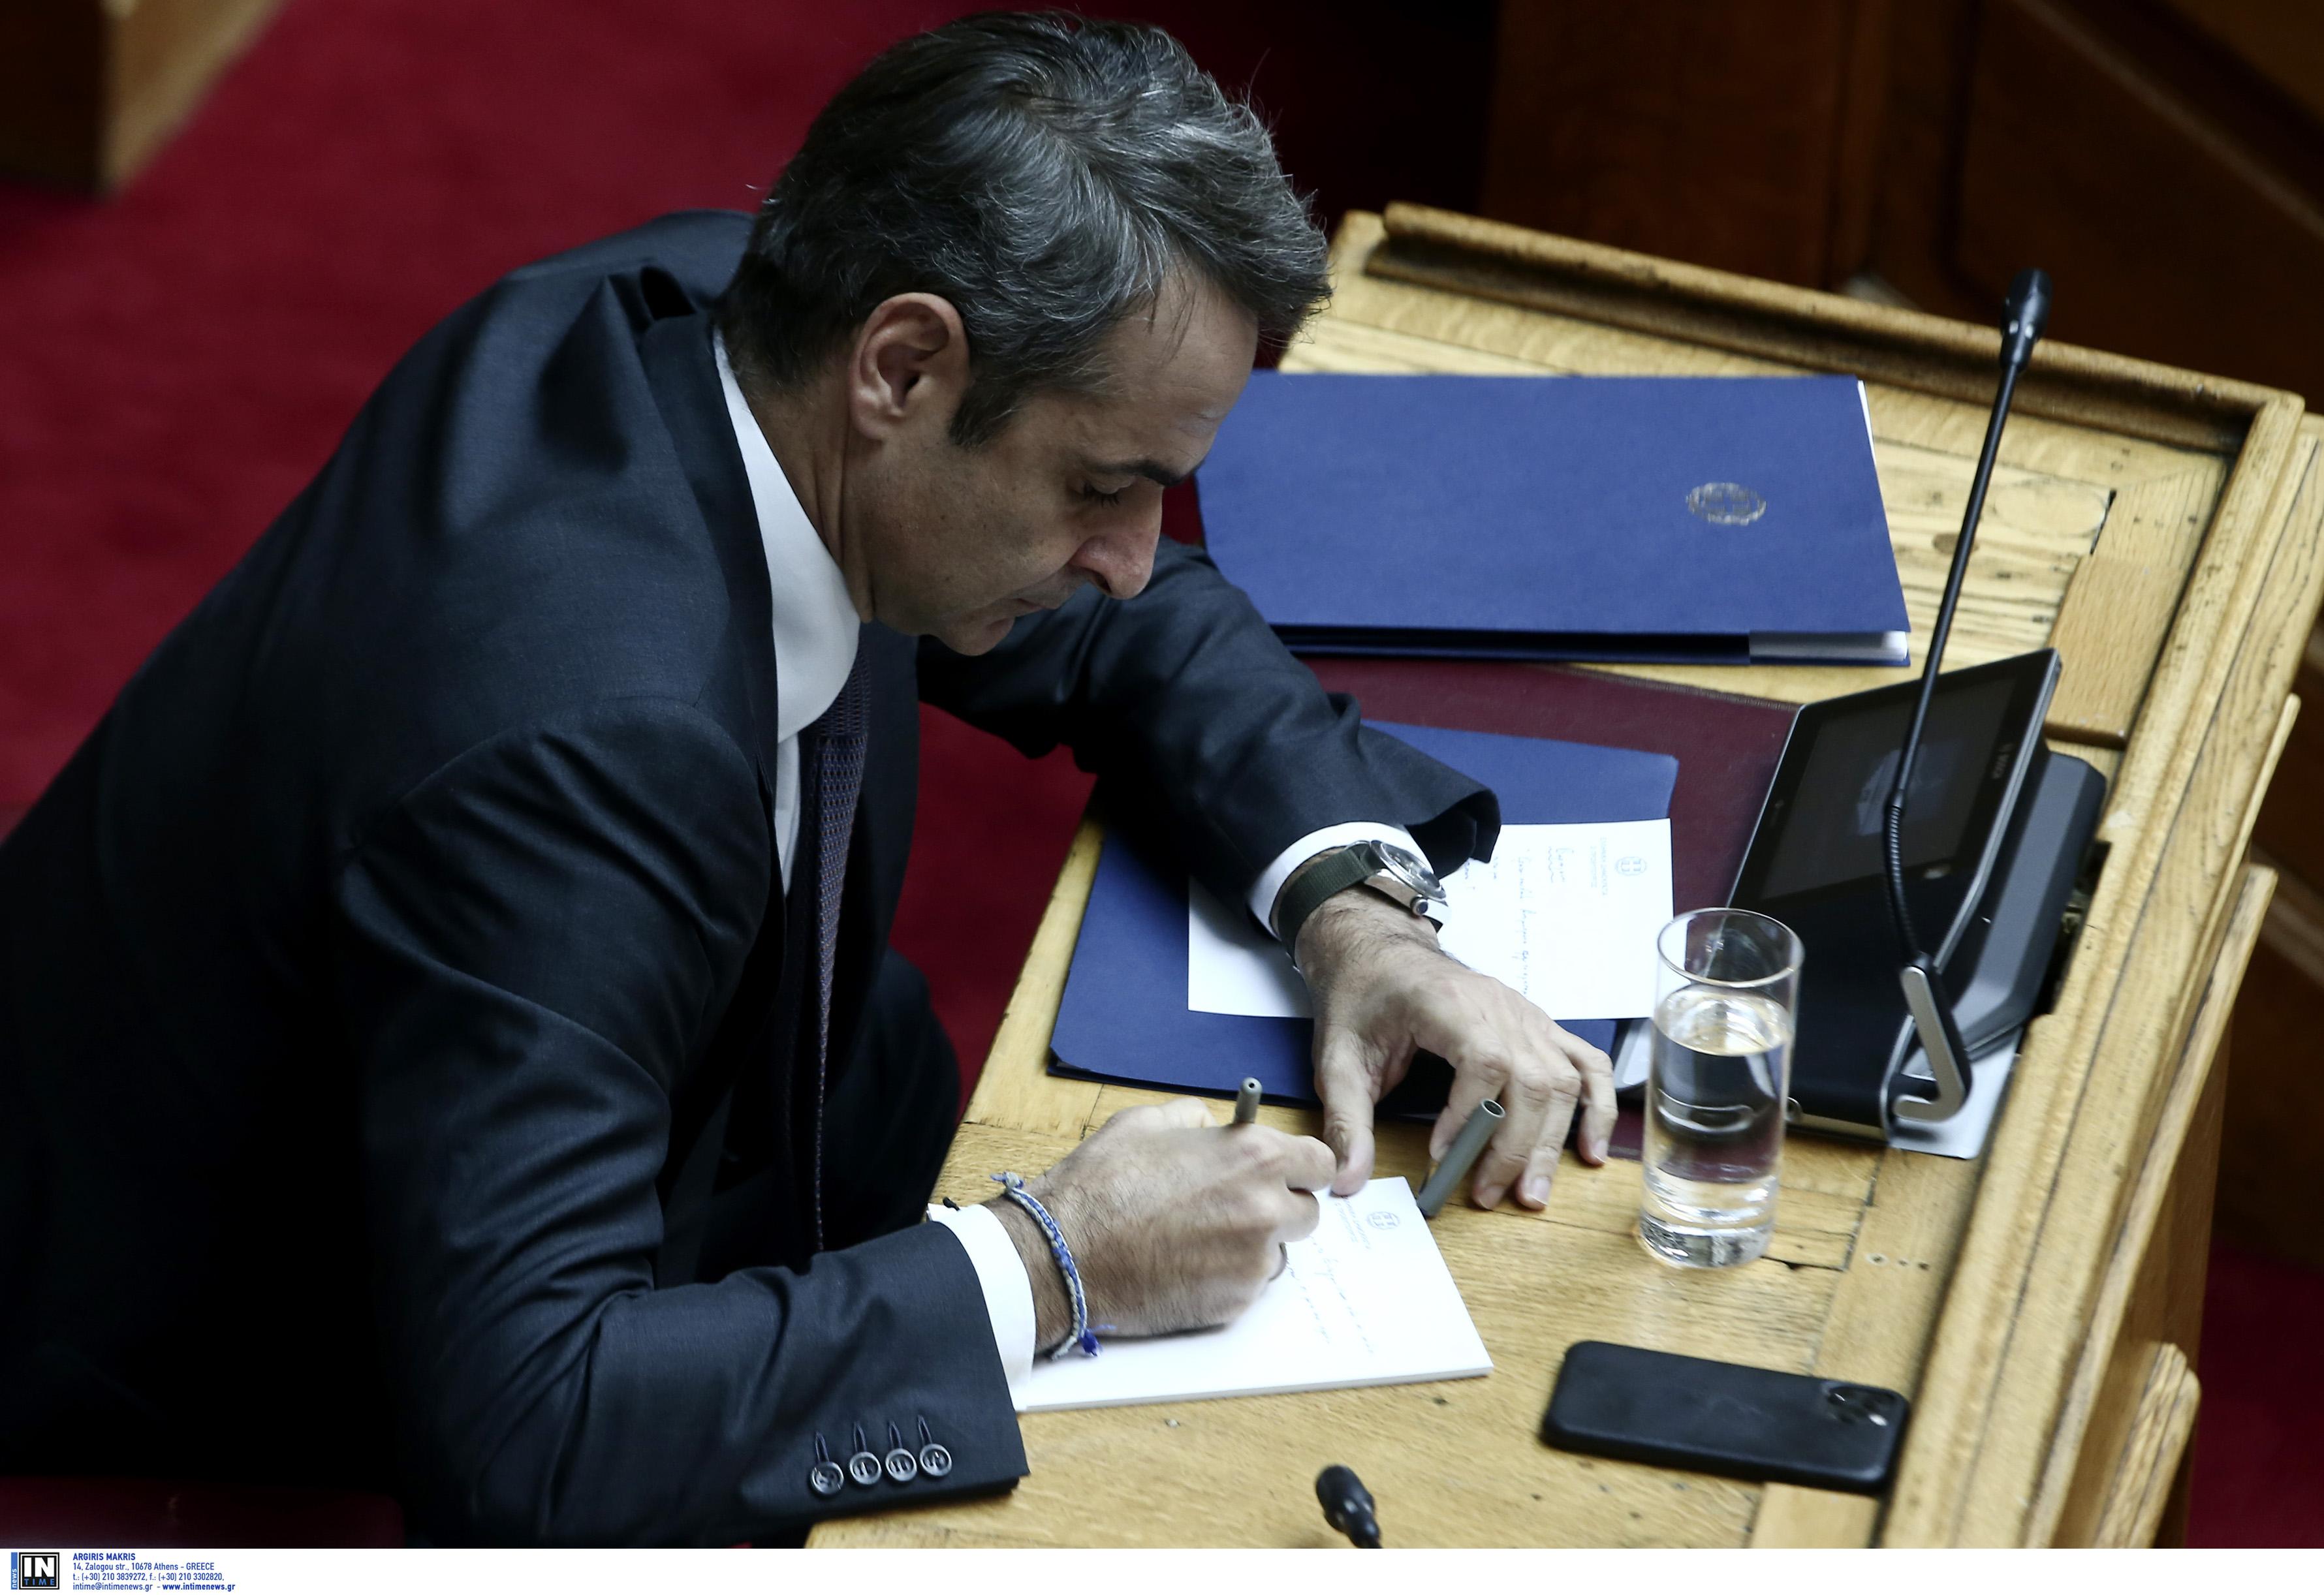 Μητσοτάκης σε Τσίπρα: Τις προτάσεις σας τις απέρριψε ο λαός στις 7 Ιουλίου - Σε εξέλιξη η ψηφοφορία